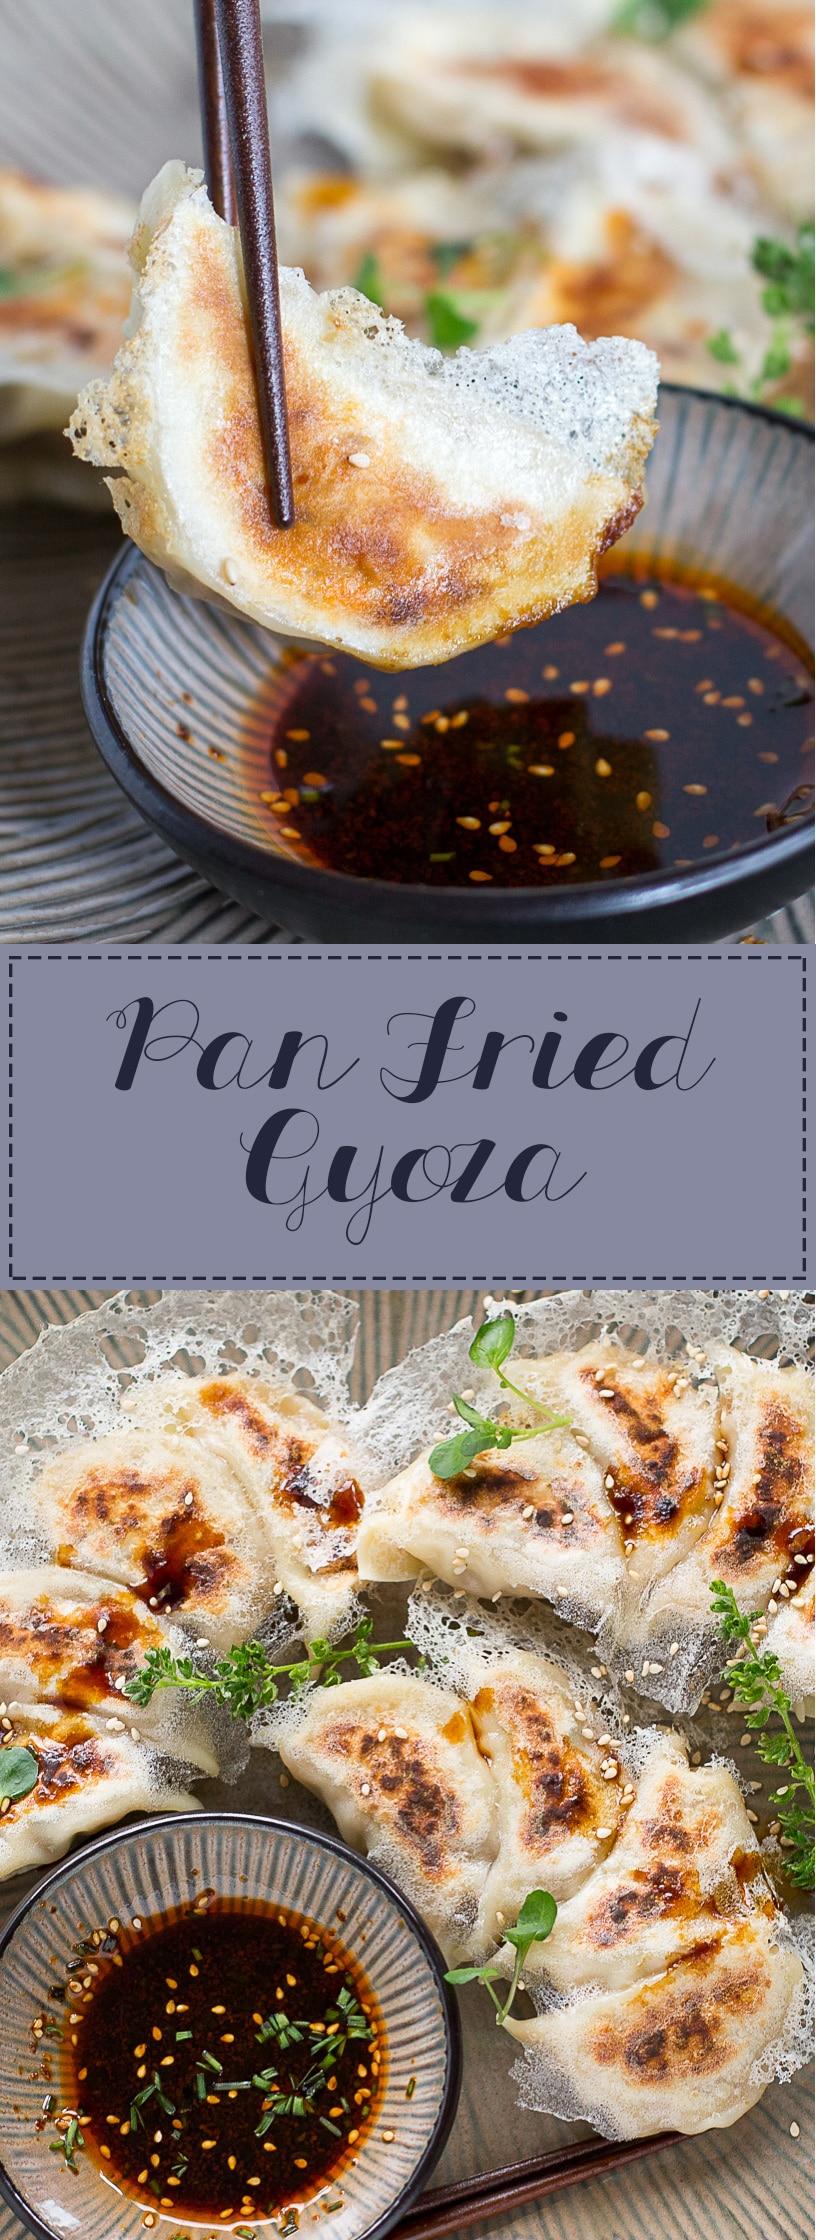 Pan-fried-gyoza-collage-2